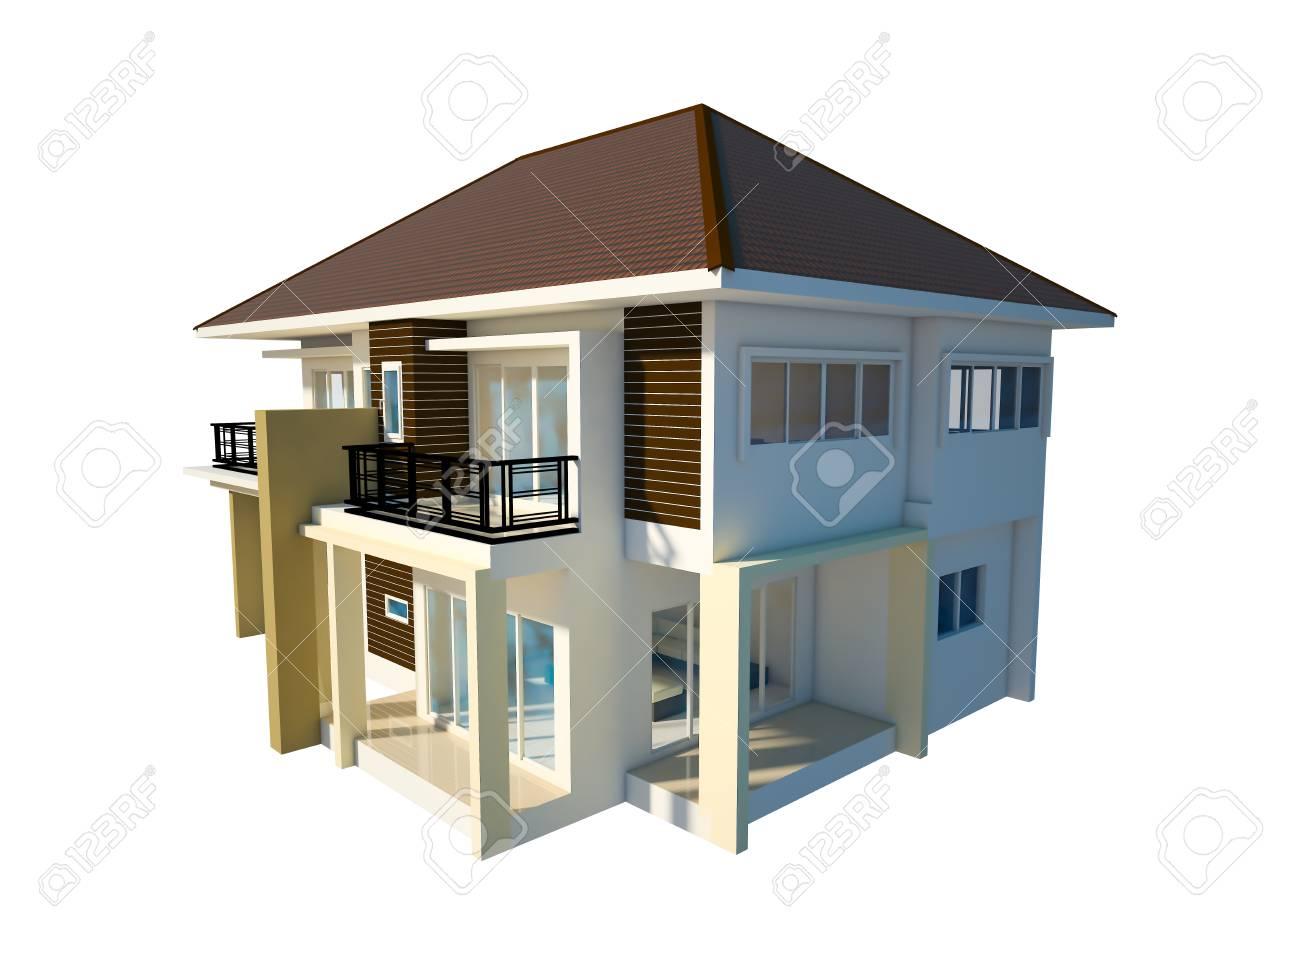 house isolated white background - 30187100